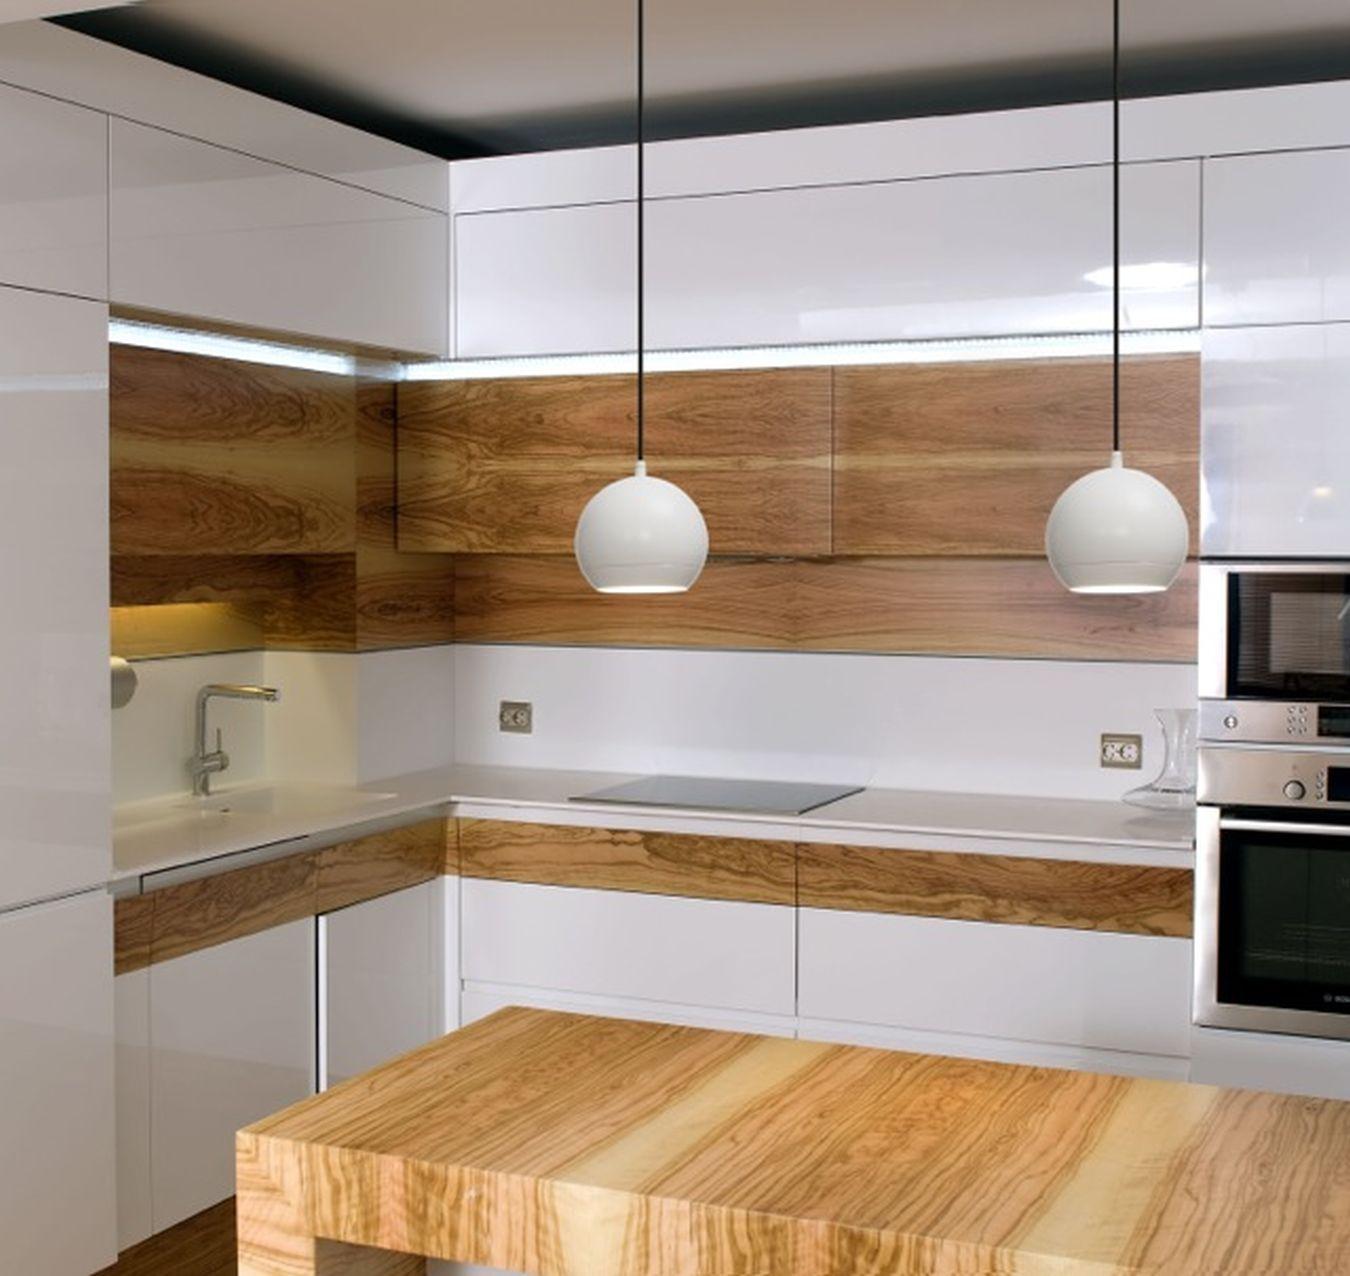 Iluminacion led cocinas que necesito - Lamparas de techo habitacion ...